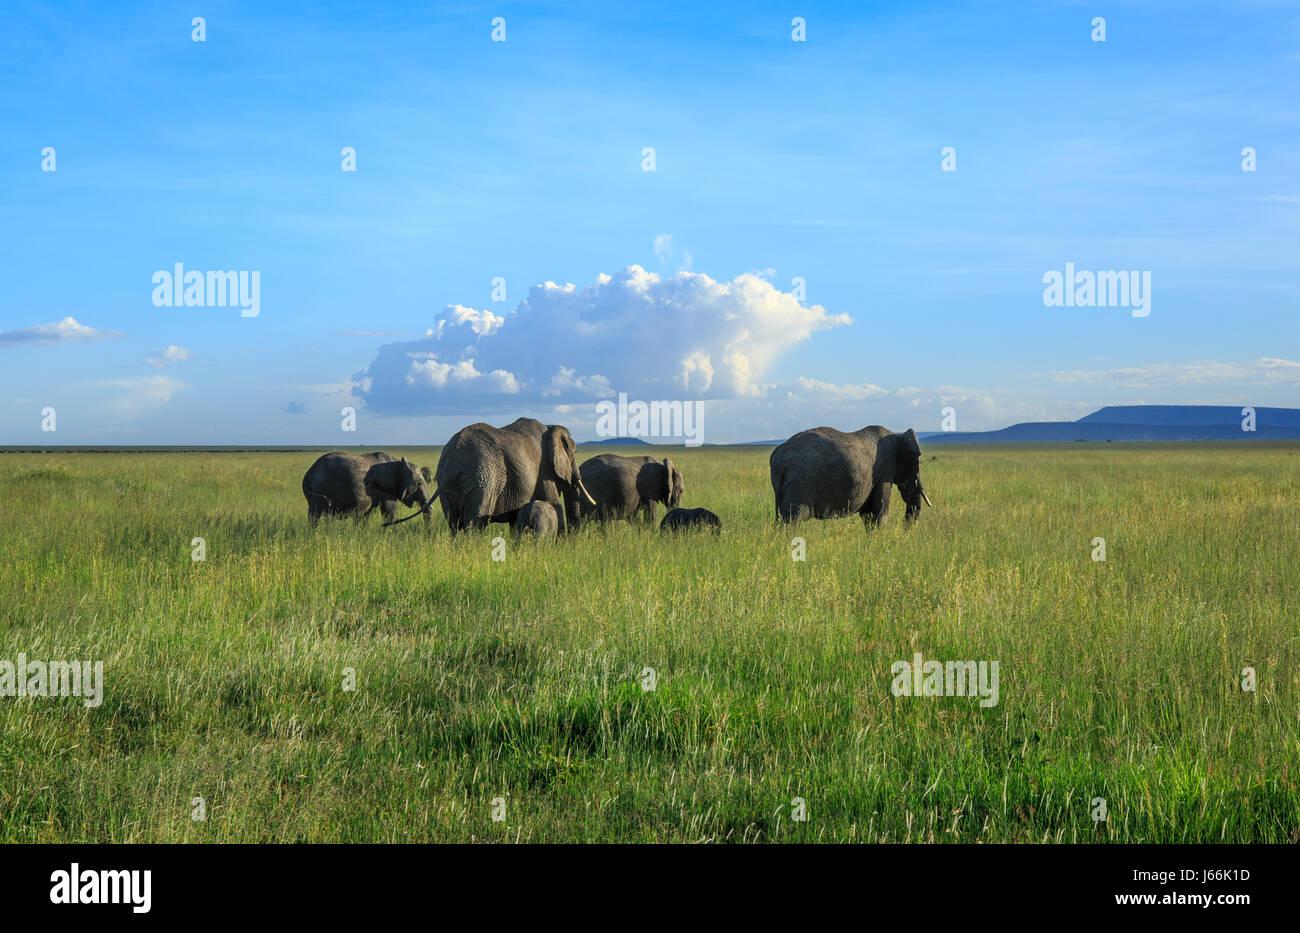 Ein afrikanischer Elefant-Matriarchin führt ihre Herde in die Savanne auf der Suche nach Nahrung oder Wasser Stockbild